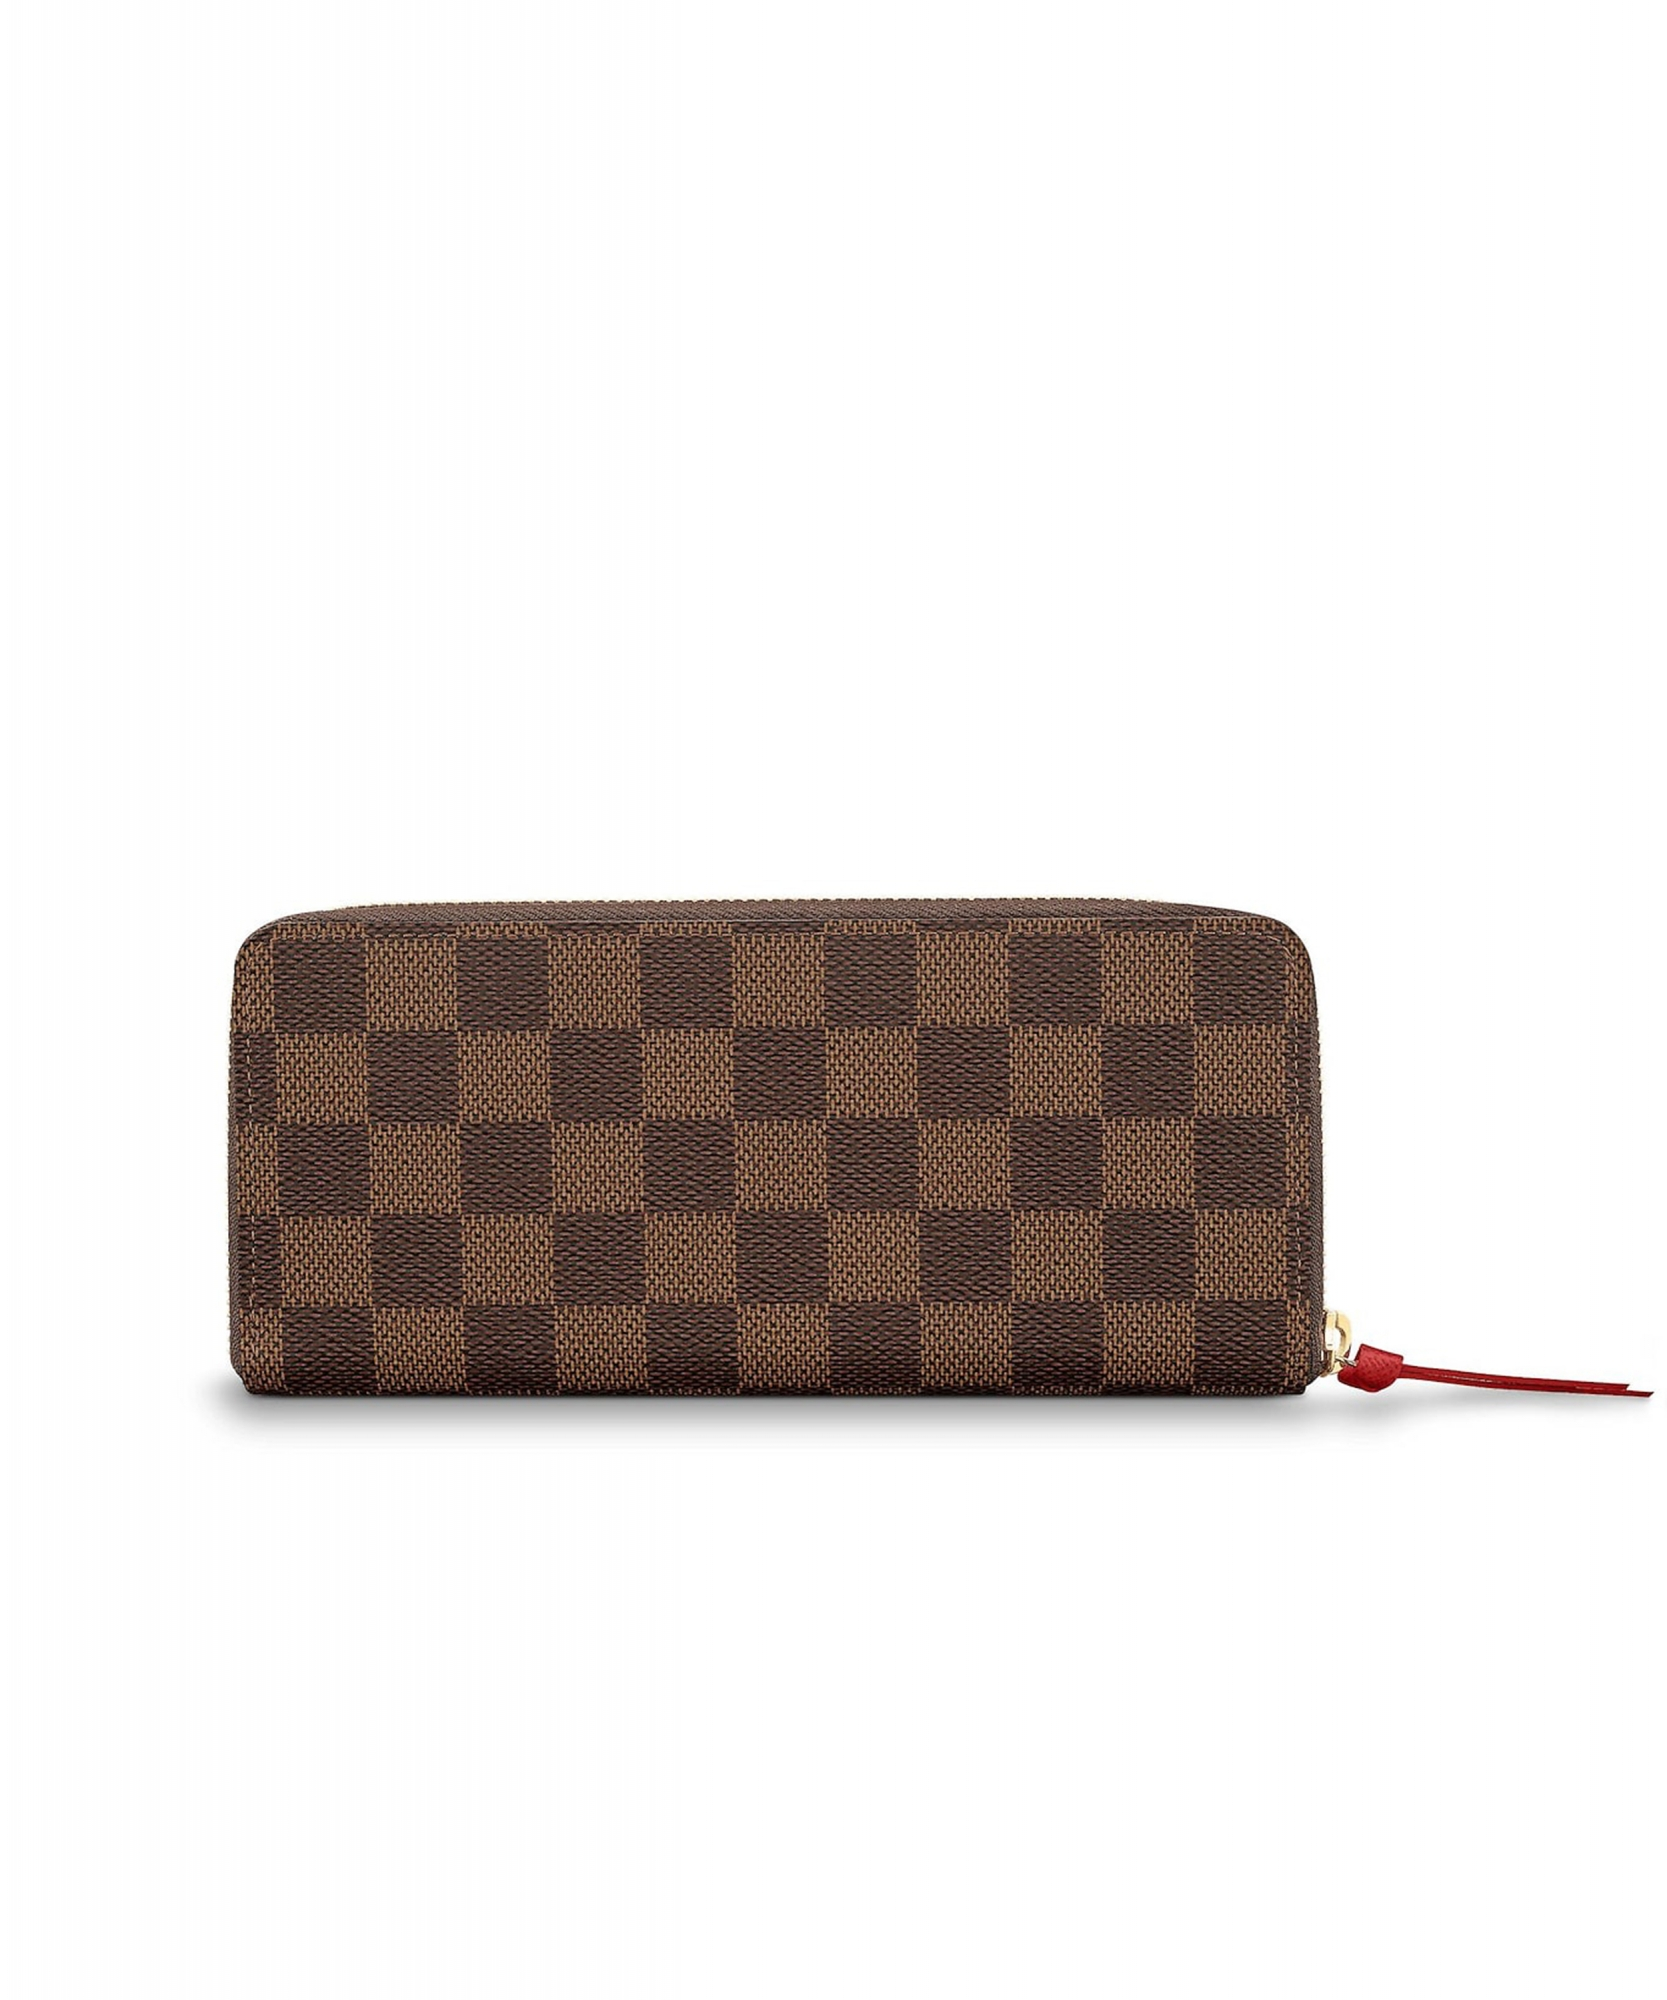 Beste Louis Vuitton Clémence Wallet Damier Ebene | La Doyenne SJ-01